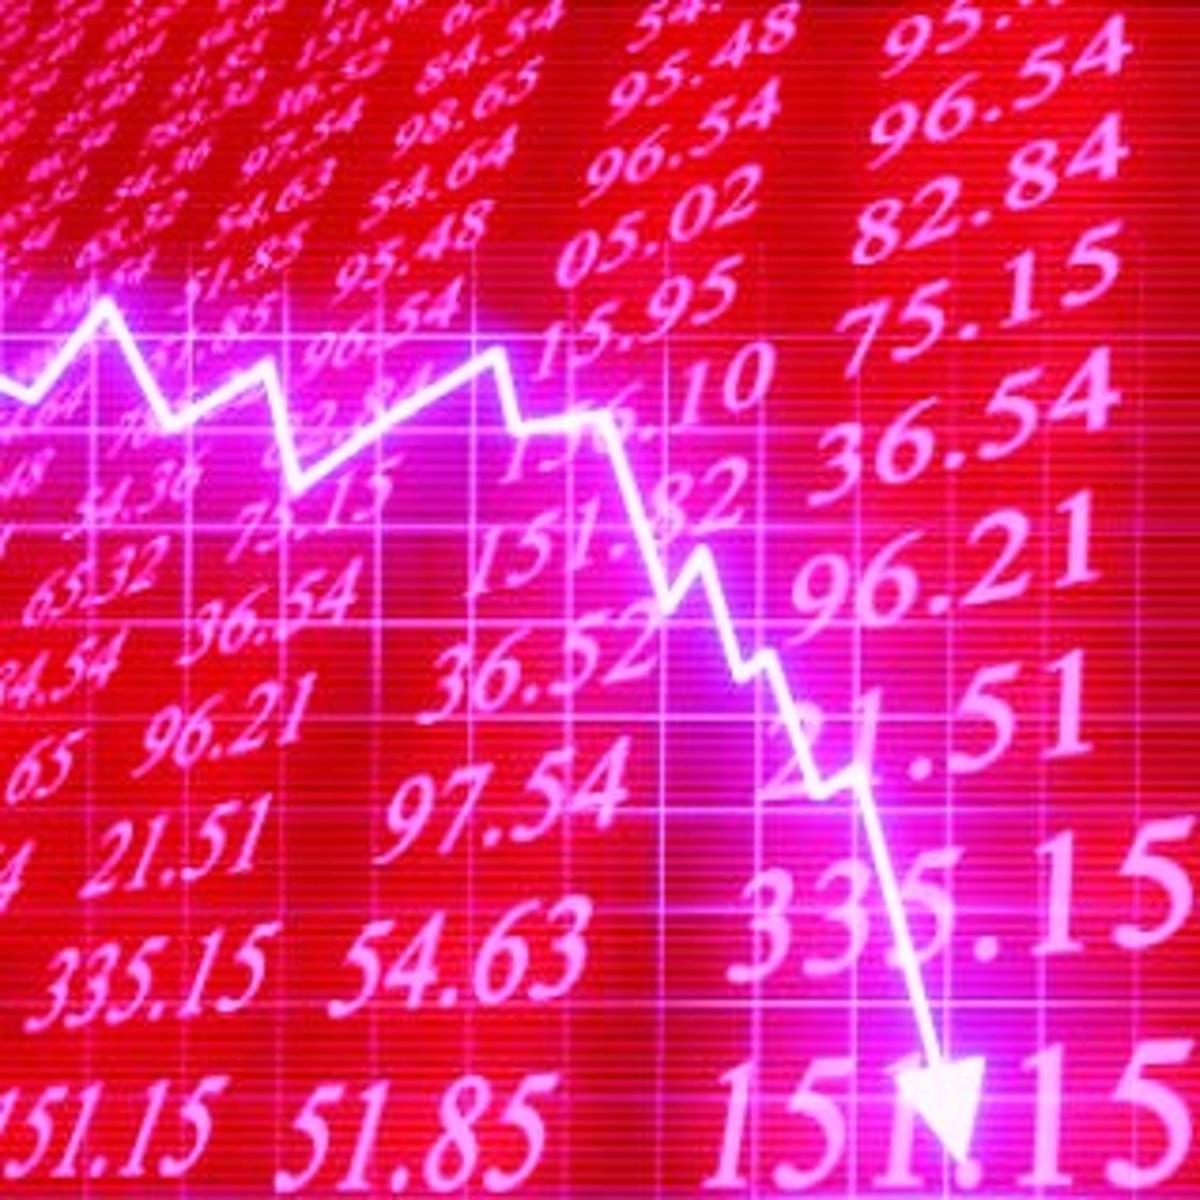 Σε μία κλωστή κρίνεται η ευρωζώνη – Ανεξέλεγκτα τα spreads | Newsit.gr